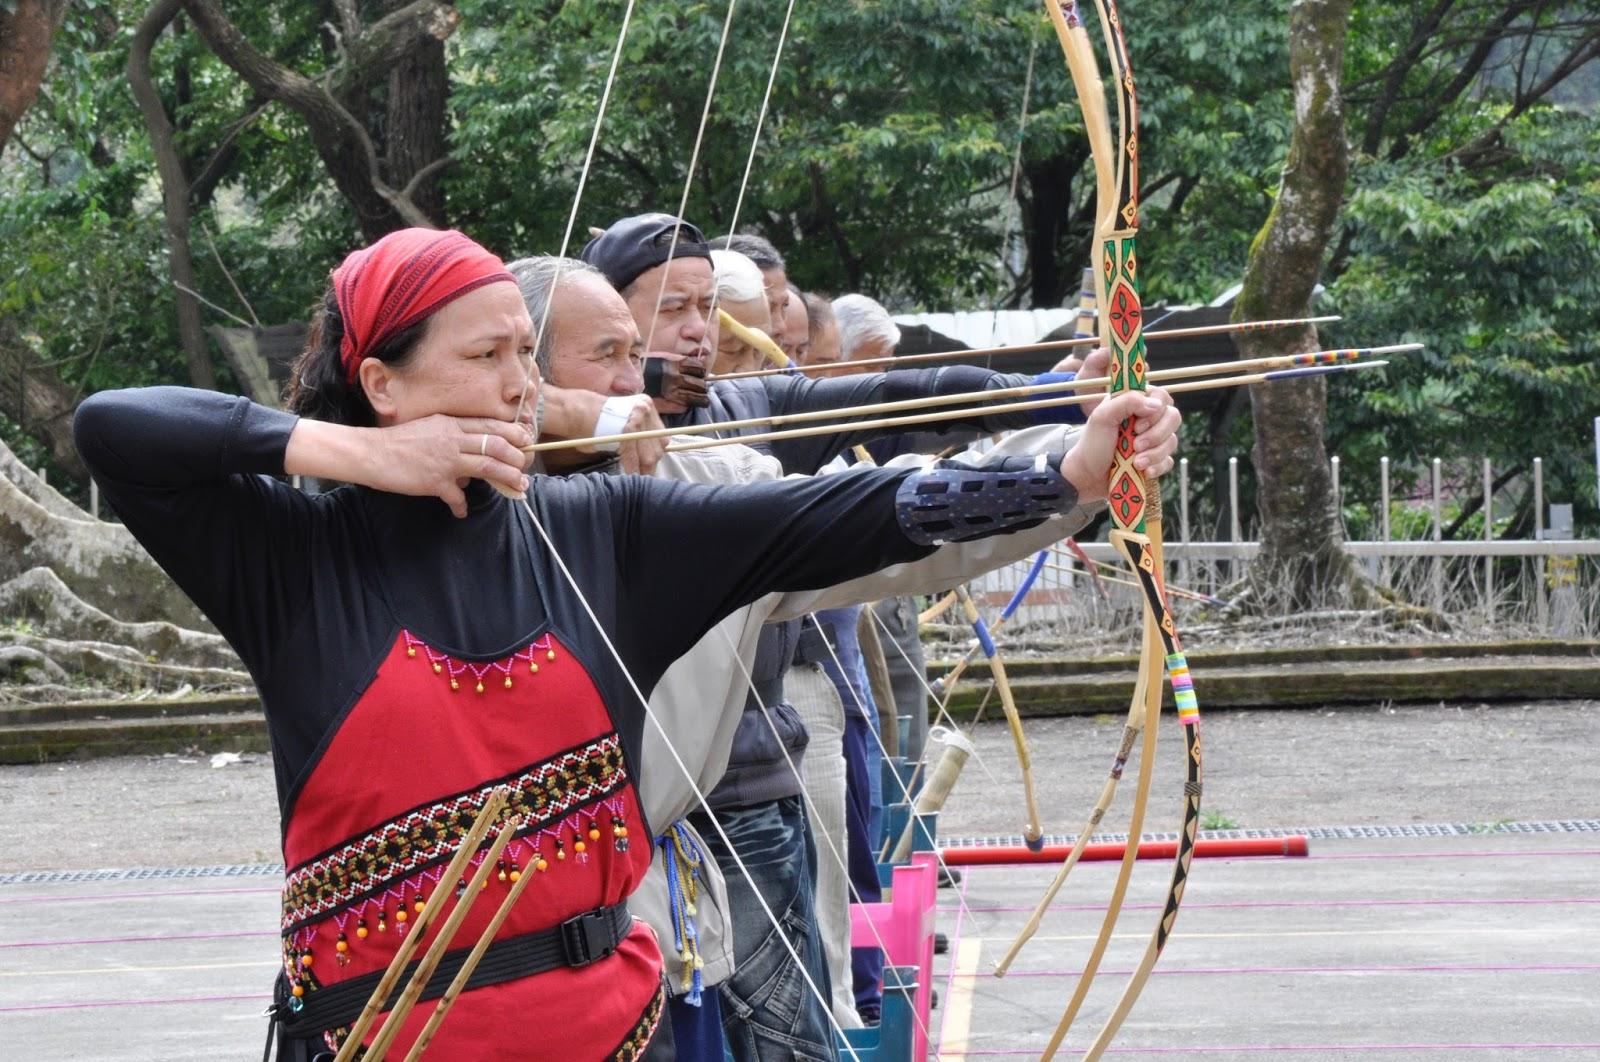 射箭是原住民傳統技藝,製作弓的工法,各族略有差異,並無固定形式,圖為眉溪部落射箭比賽中,巾幗不讓鬚眉。(圖/眉溪報導 蘇祐磊攝)